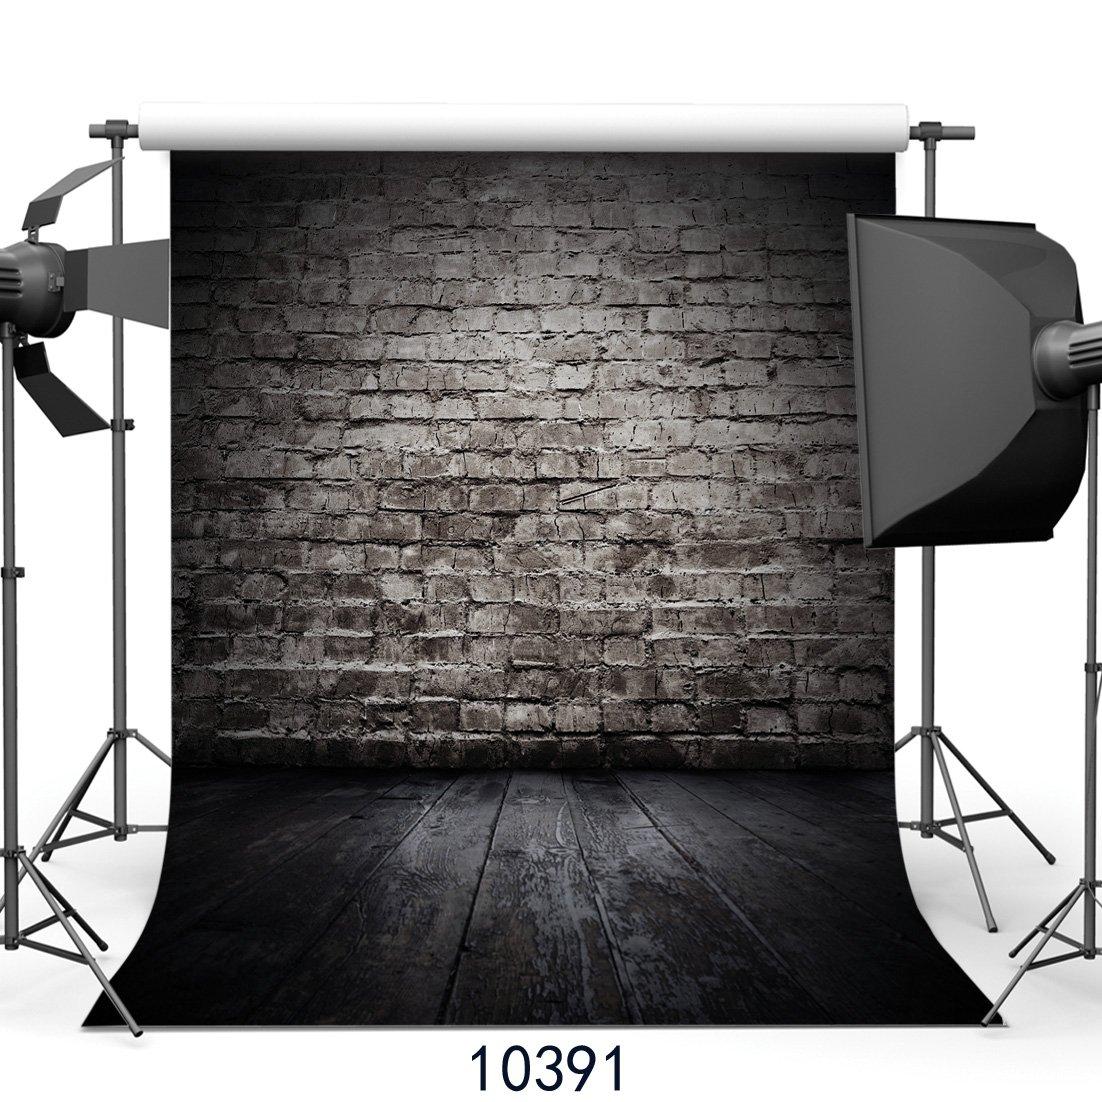 SJOLOON 8x8フィート ビンテージレンガ壁 床写真背景ビニール写真背景幕 スタジオ小道具JLT10391   B01MSNZ2FM